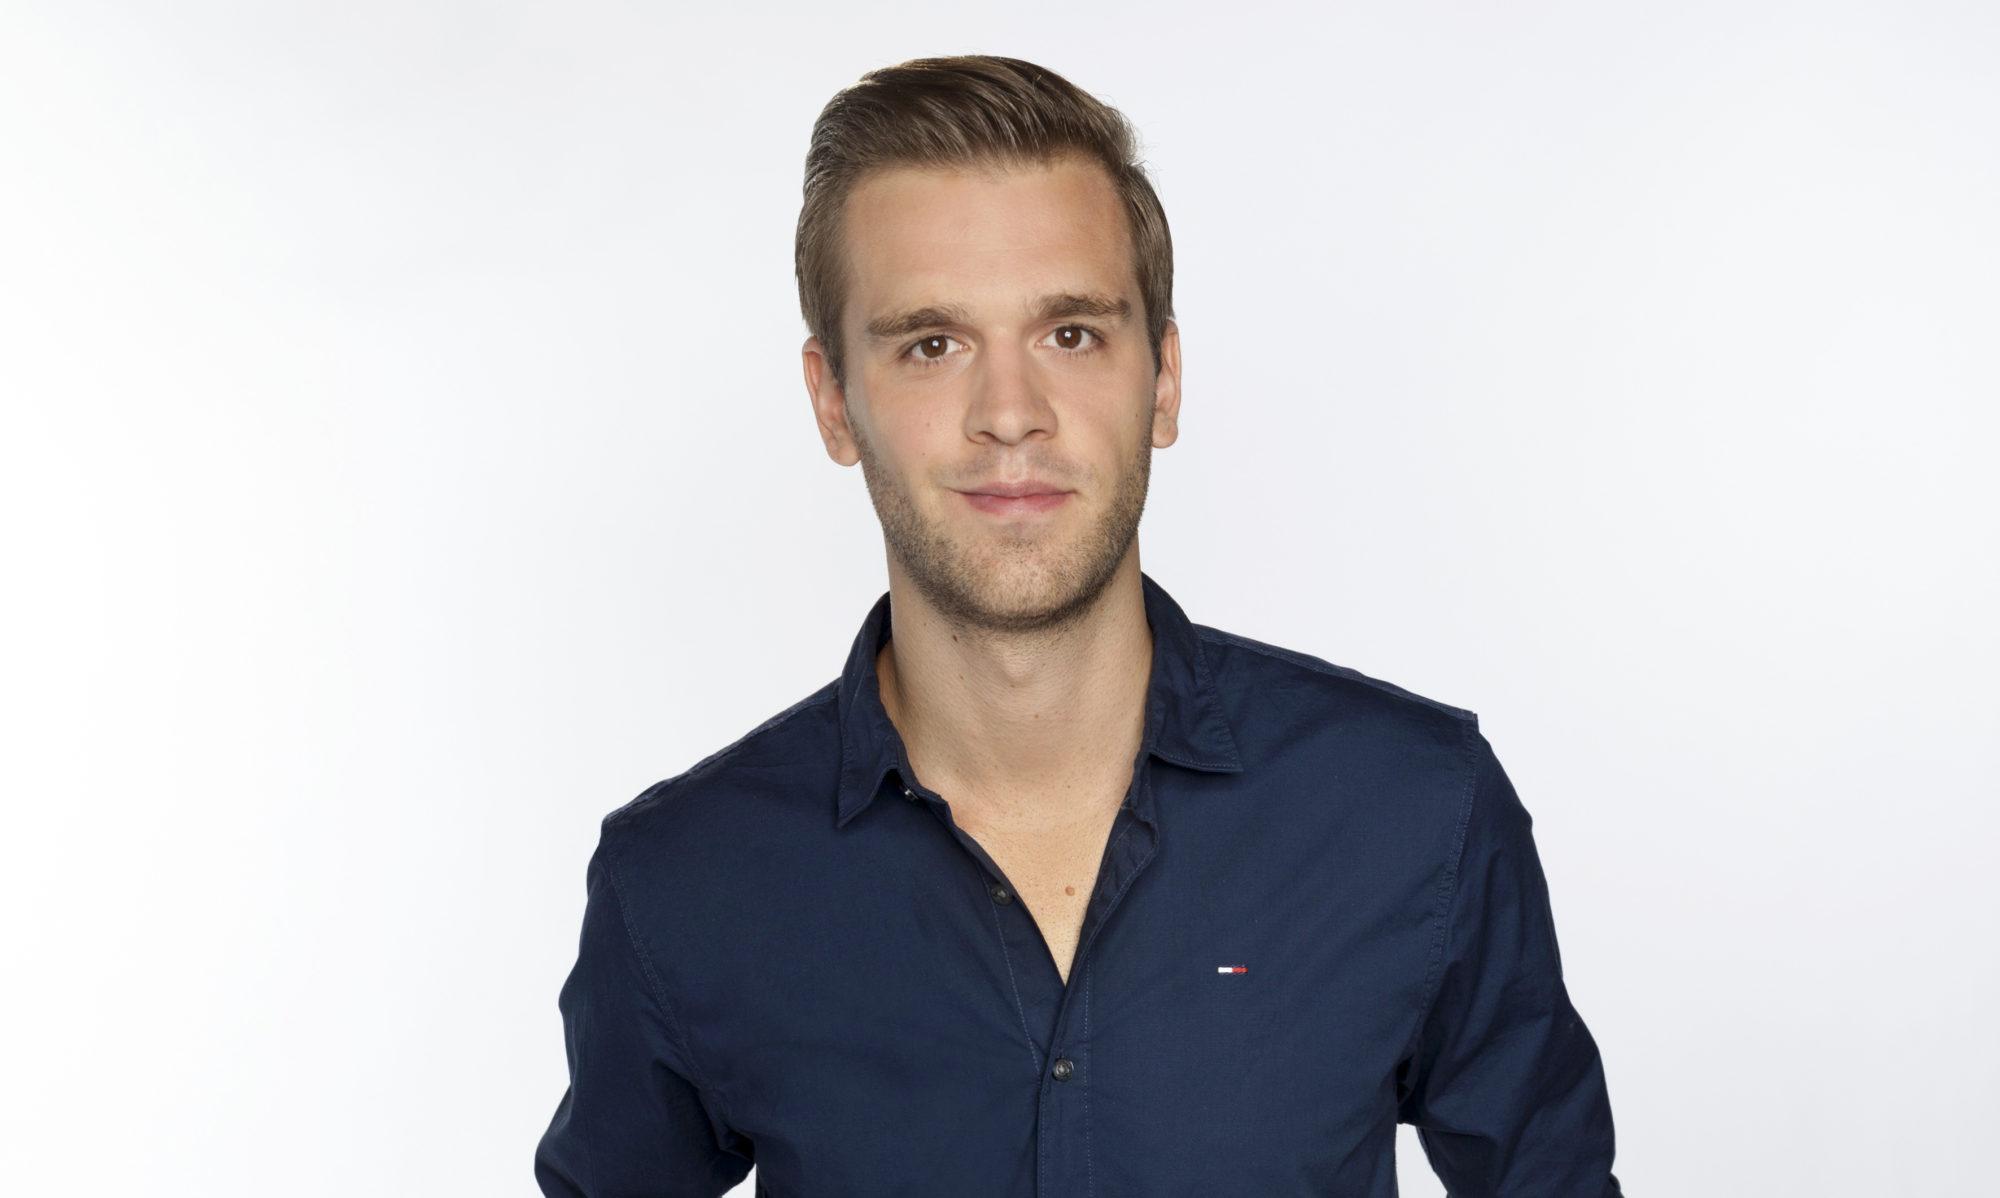 Marc Hartenstein